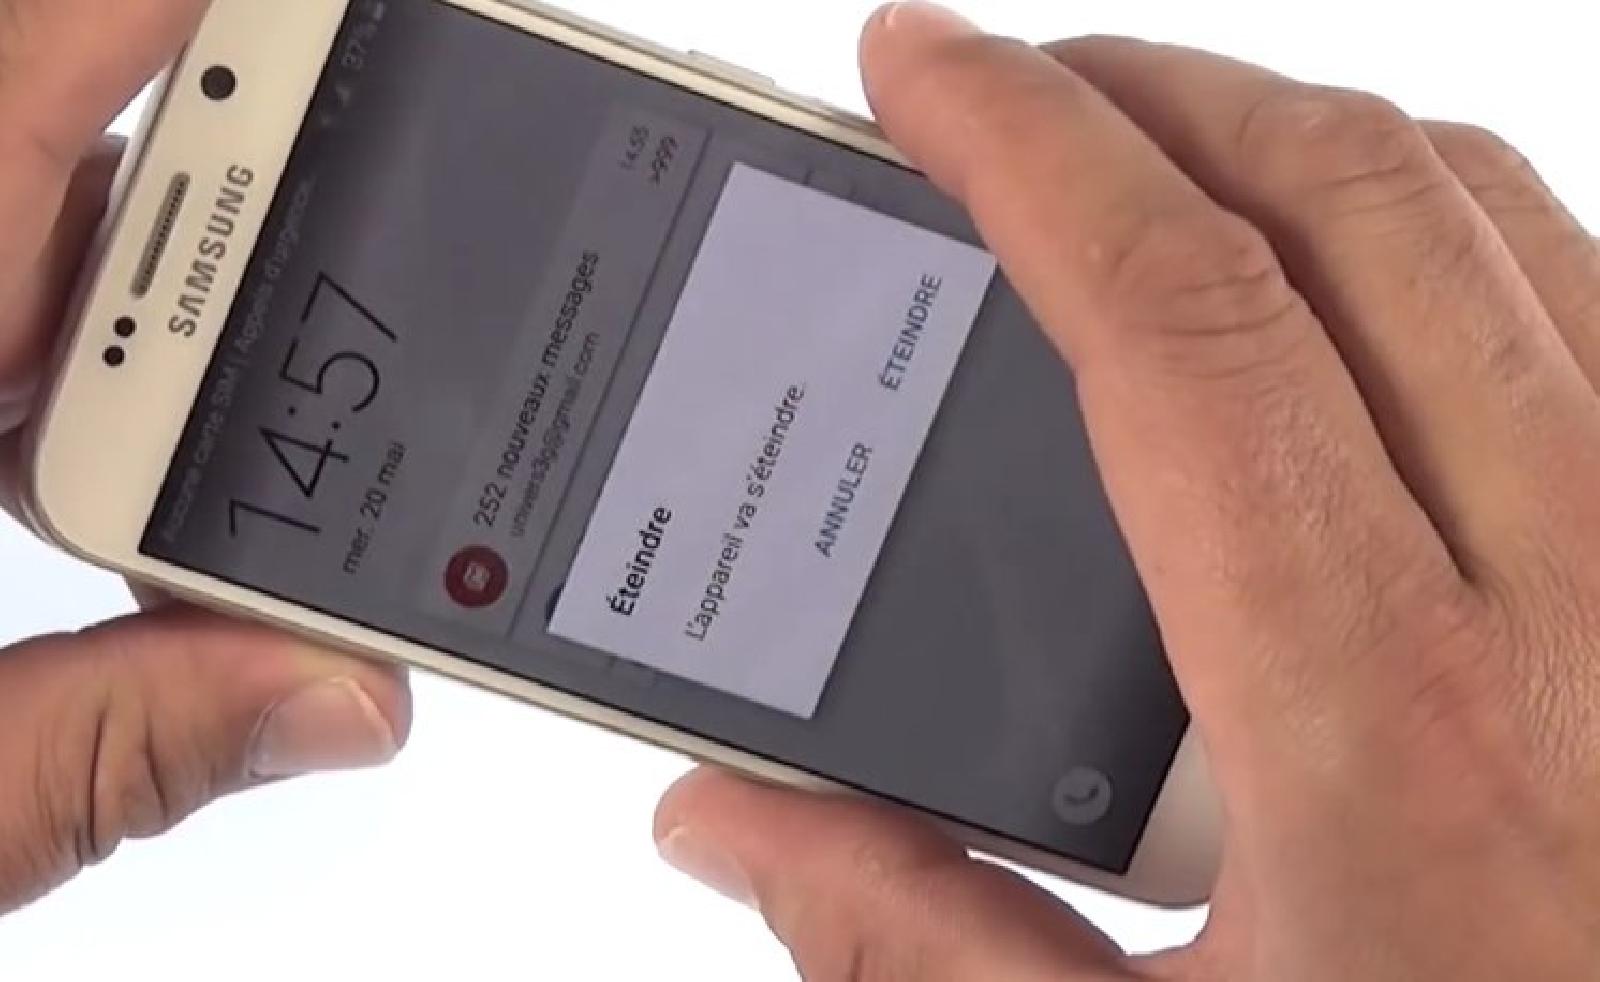 Eteindre le Samsung Galaxy S6 et retirer le rack de la carte Sim.